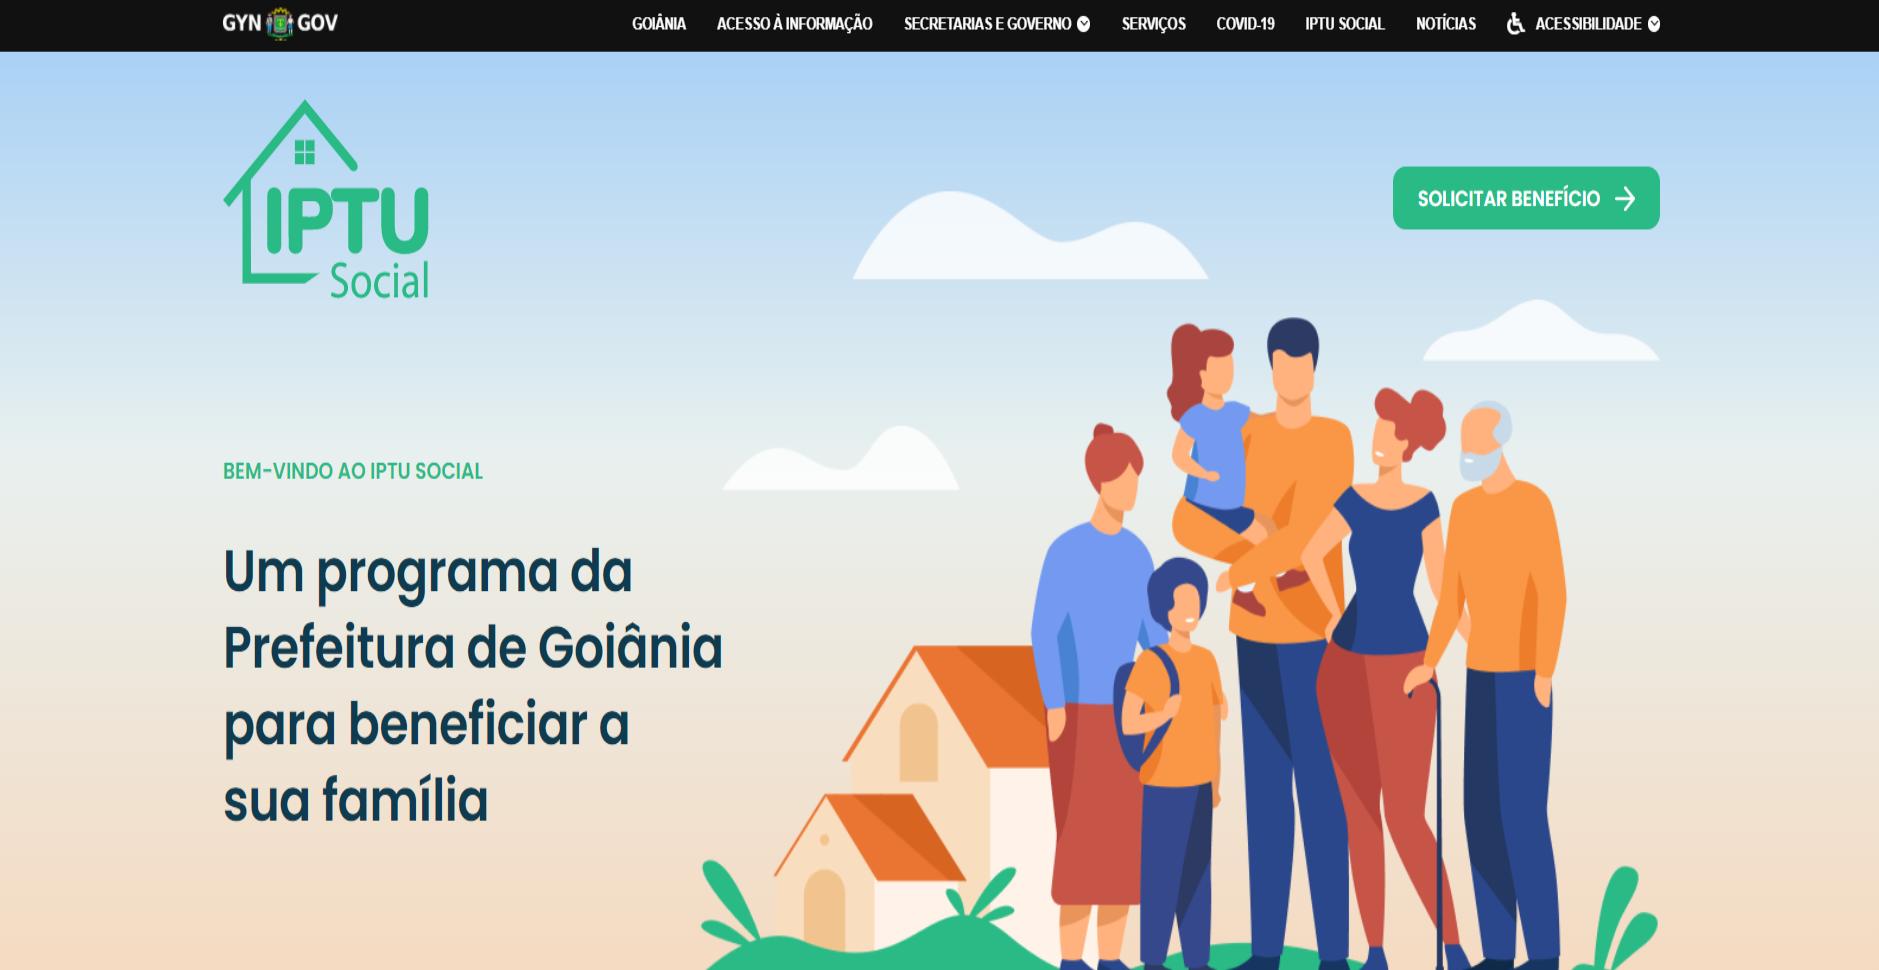 Conheça as regras do IPTU social Goiânia